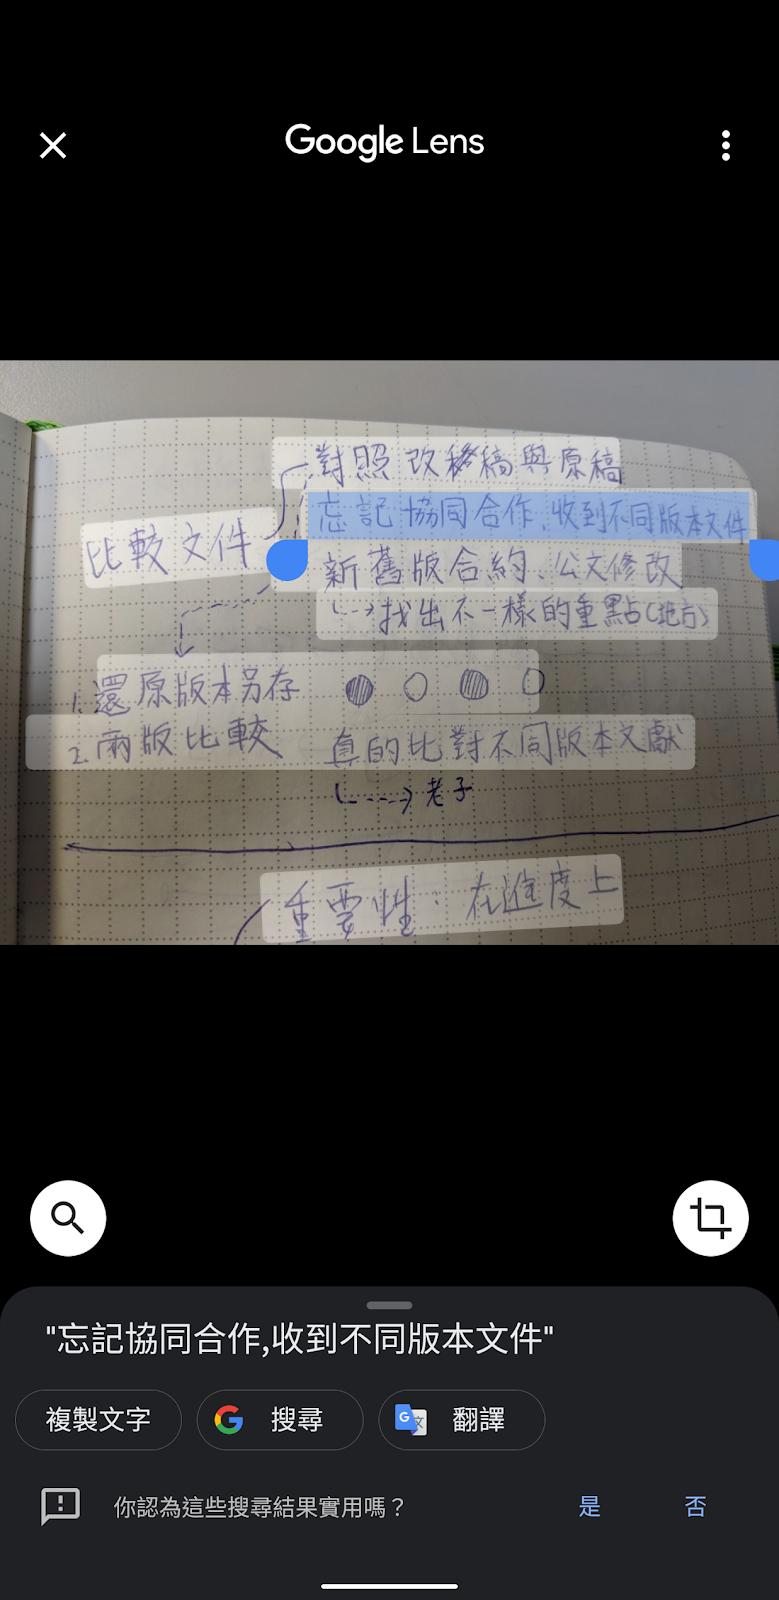 Google 相簿原來也能辨識「手寫中文」筆記,手寫照片轉文字